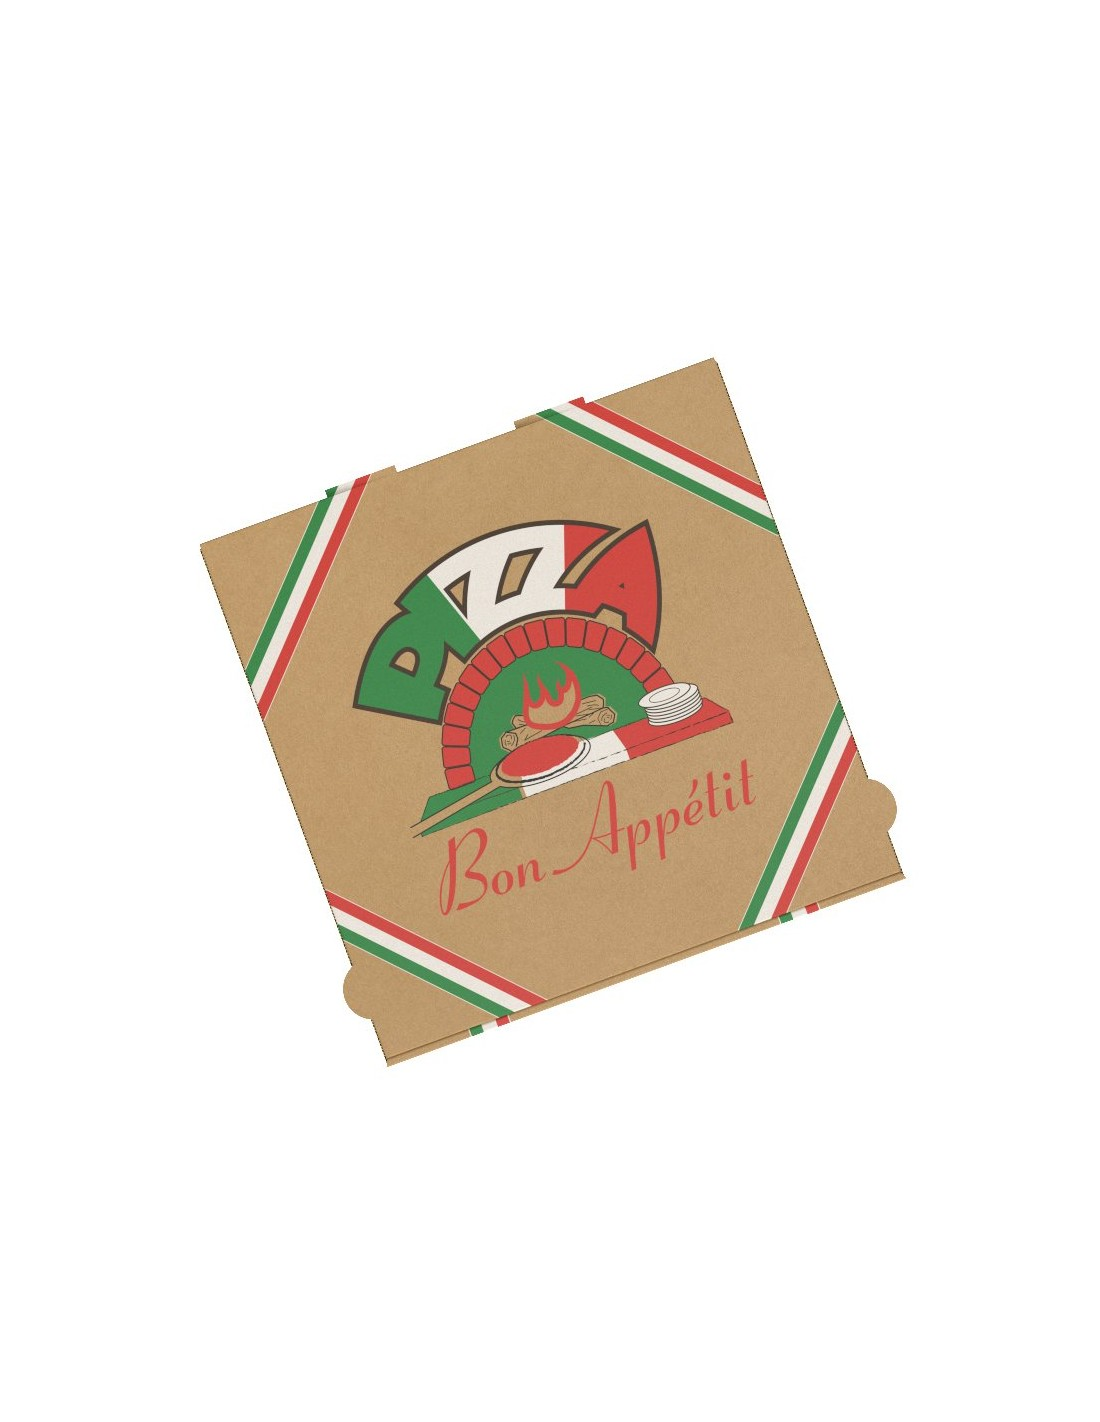 boites pizza en kraft brun decoree pour vente a emporter et livraison couleur exterieure kraft brun matiere carton colisage 100 emballage decore oui